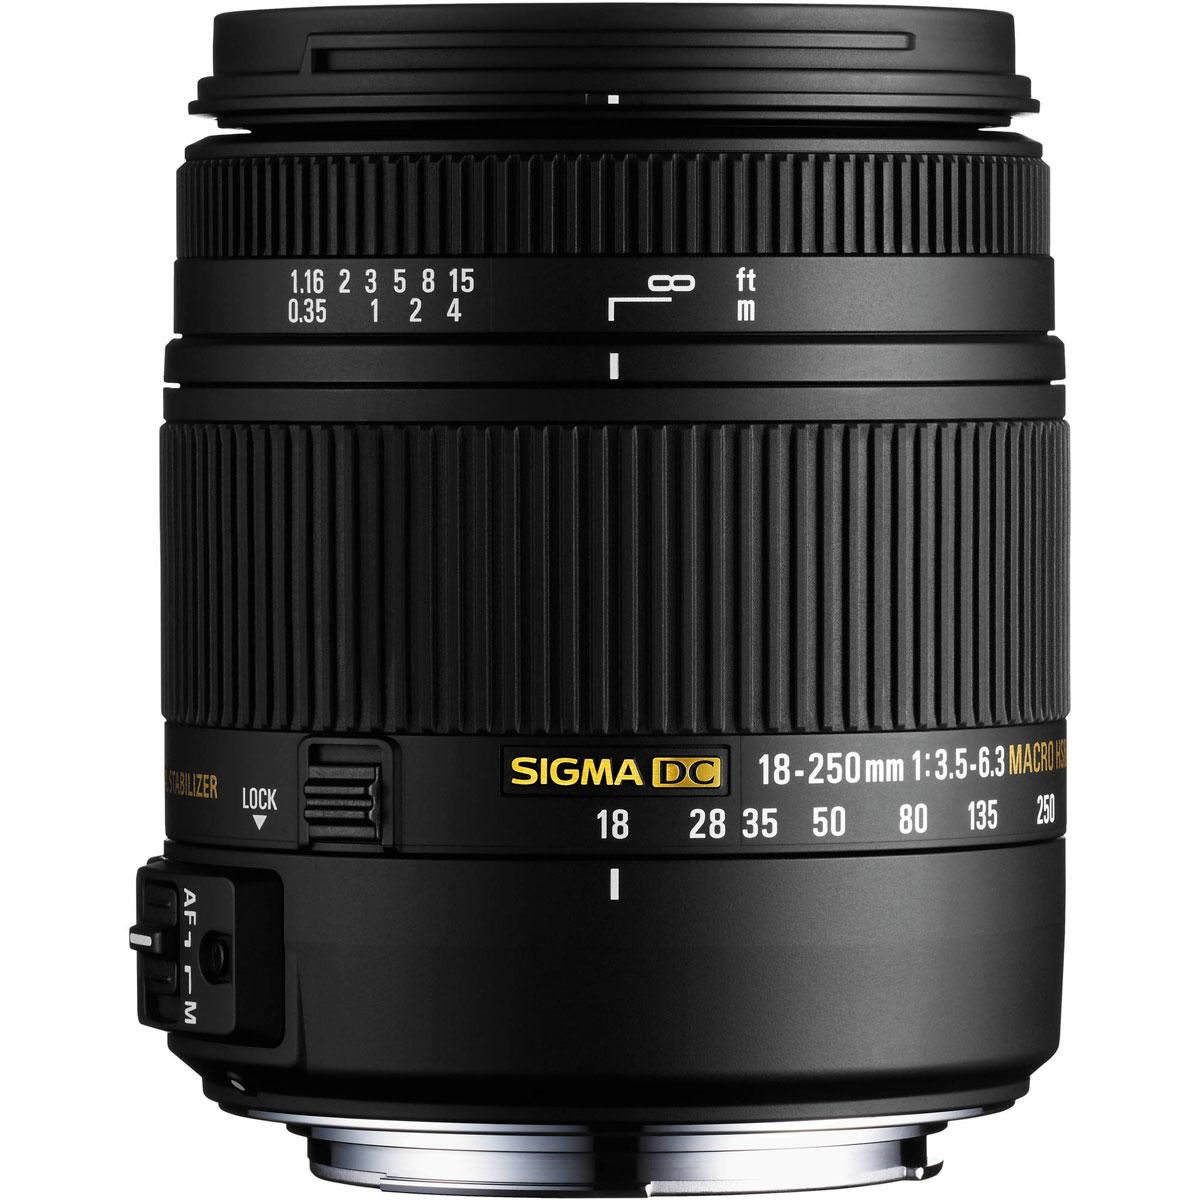 SigmaAF18-250mmF3.5-6.3DCMACROOSHSM, Black объектив для Nikon883955Как наследник известного SIGMA 18-250mm F3.5-6.3 DC OS HSM, объективSIGMA 18-250mm F3.5-6.3 DC MACRO OS HSM символизирует новое поколение ультразумов с высоким качеством изображения и, в тоже время, с компактными размерами и низким весом. Полностью переработана конструкция объектива. Специальное низкодисперсное стекло SLD превосходно устраняет цветовые аберрации. Три асферические линзы, включая одну двухстороннюю асферическую линзу, совместно с использованием передовой оптической конструкции, предотвращают и корректируют все типы оптических искажений, включая астигматизм.Оптимизирована электрическая частьУлучшены возможности фотосъемки с минимальных дистанцийПрименен новый термостабильный композит TSCПримерно на 25% легче и компактнее существующих аналогов